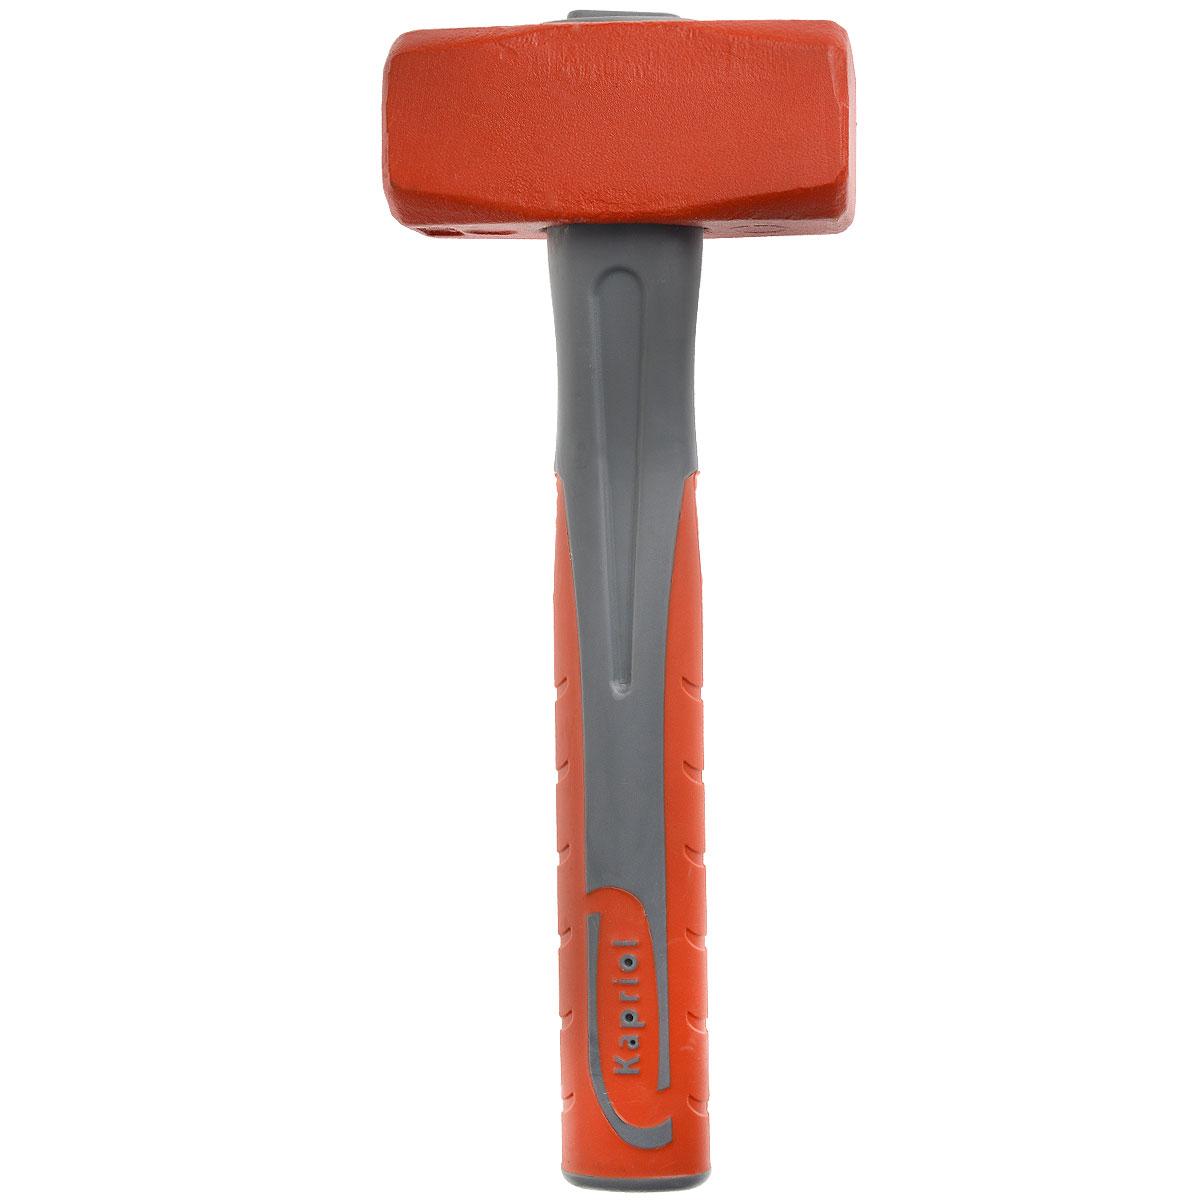 Кувалда Kapriol, длина 28 см, 1500 г. 1016310163Кувалда Kapriol предназначена для нанесения исключительно сильных ударов при обработке металла, на демонтаже и монтаже конструкций. Особенности кувалды: Водоотталкивающие покрытие для работы в любых погодных условиях; Материал головки кувалды - легированная сталь с присадками никеля, хрома и молибдена, что обеспечивает высокую прочность и вязкость; Термическая обработка головки повышает ударопрочность и увеличивает срок службы; Поверхностный слой головки закален, что обеспечивает высокую твердость молотка; Головка соединена с рукояткой с помощью эпоксидного клея; Корпус рукоятки изготовлен из стальной трубы; Эргономичный прорезиненный чехол рукоятки выполняет функцию вибропоглощения; Рукоятка имеет форму соответствующую очертаниям руки, что повышает точность удара и снижает усталость при работе.